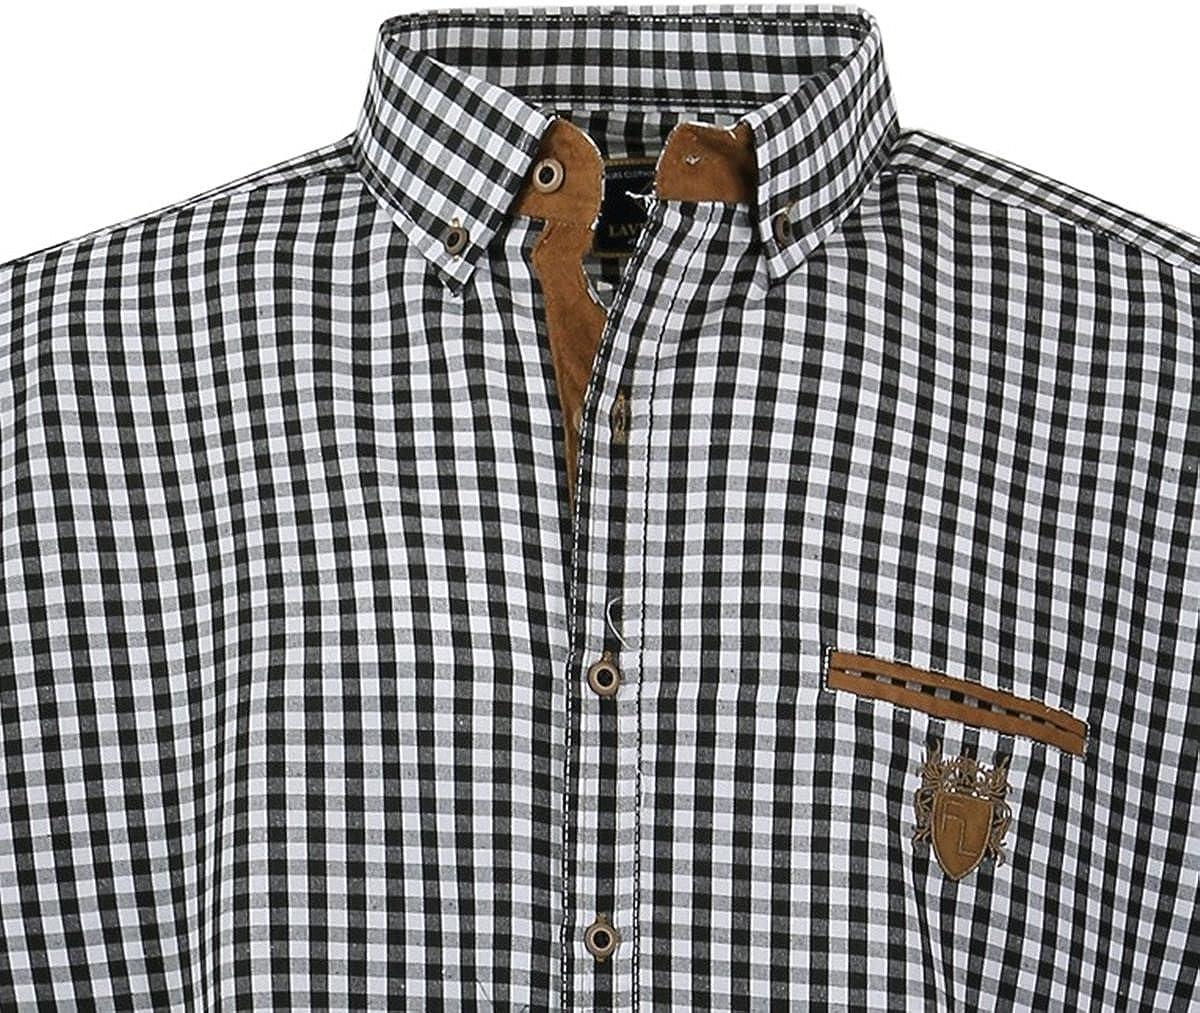 1129 mis 3-7 XL blu//bianco//marrone Lavecchia Camicia a maniche corte da uomo taglia extra grande